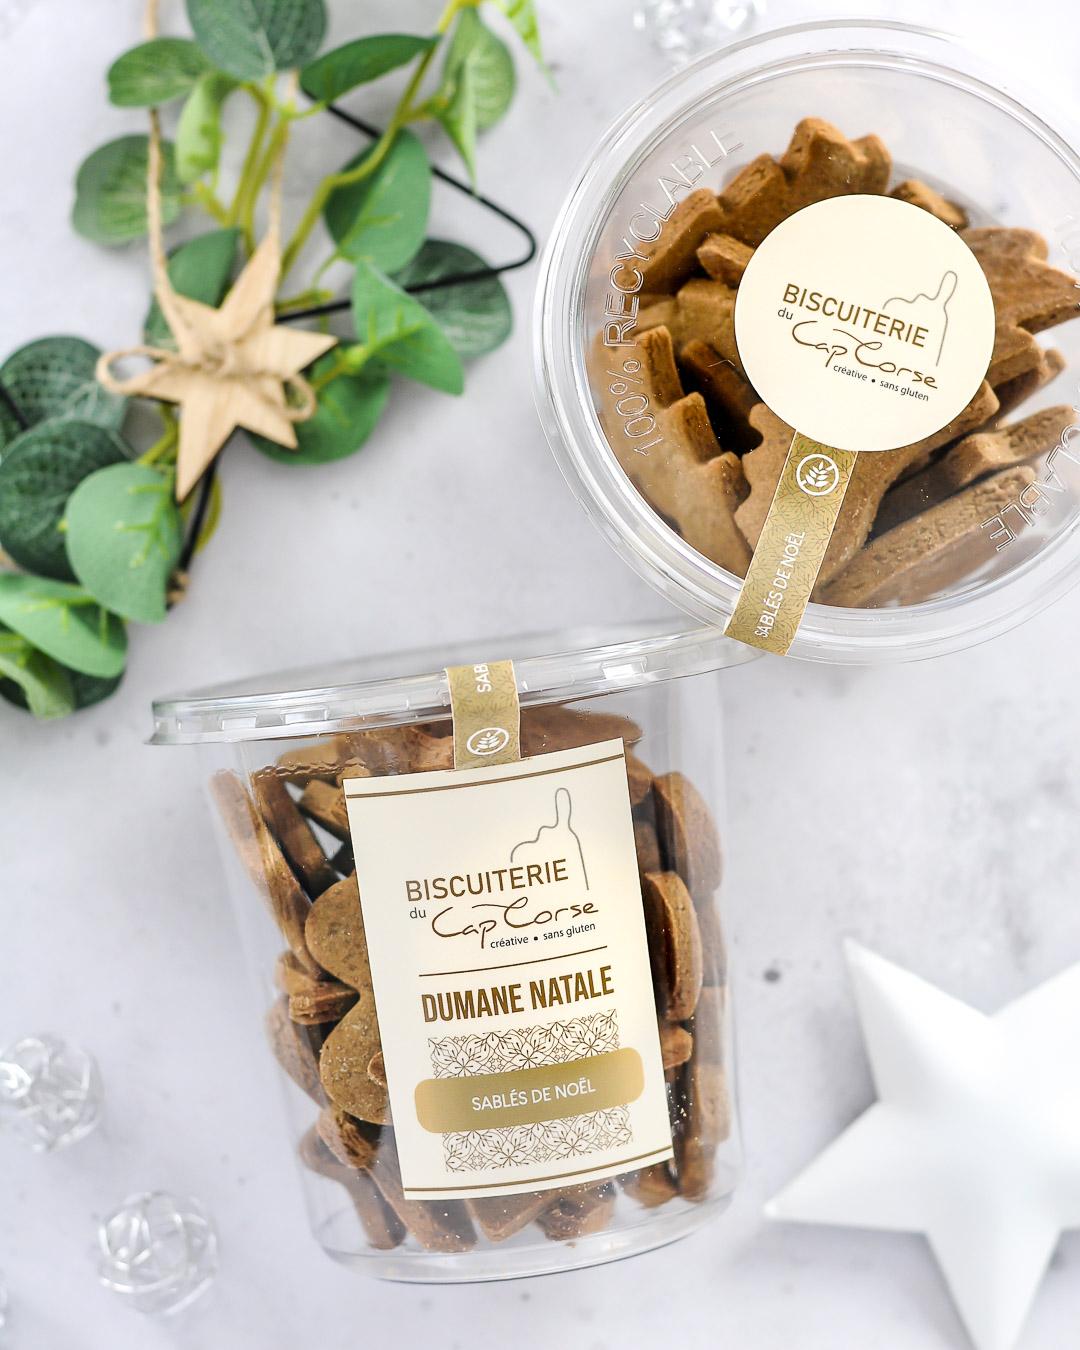 sables-noel-sans-gluten-biscuiterie-cap-